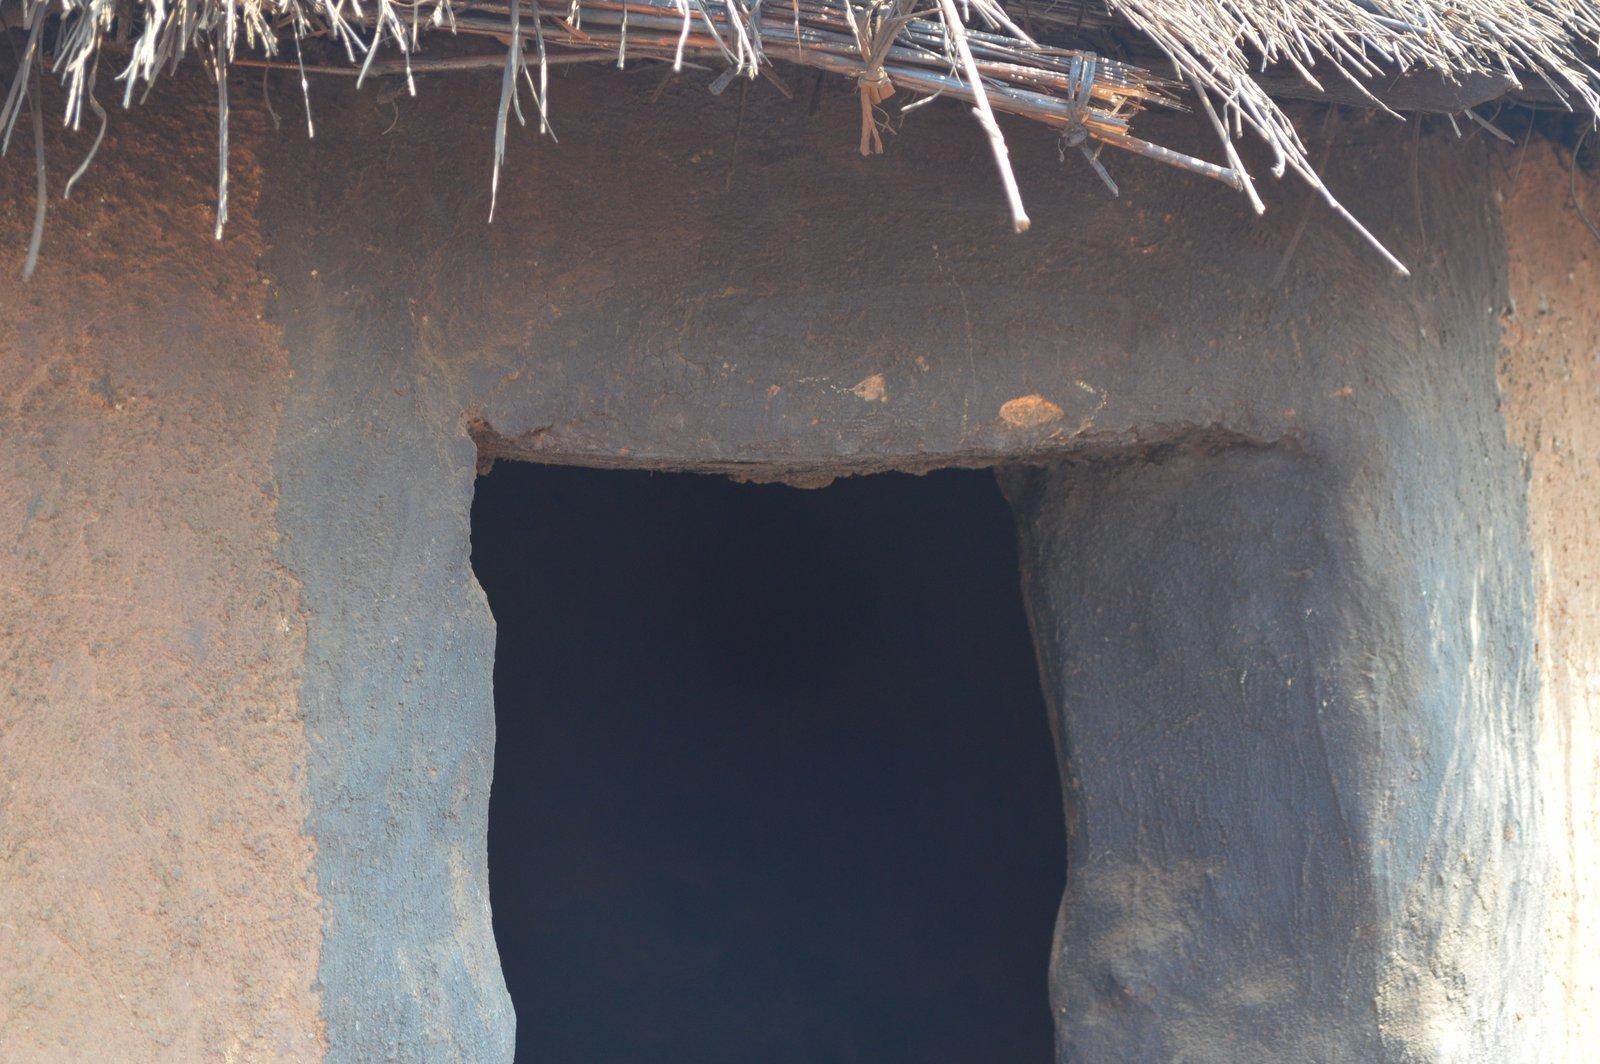 Chigwiti, Salima (11).JPG